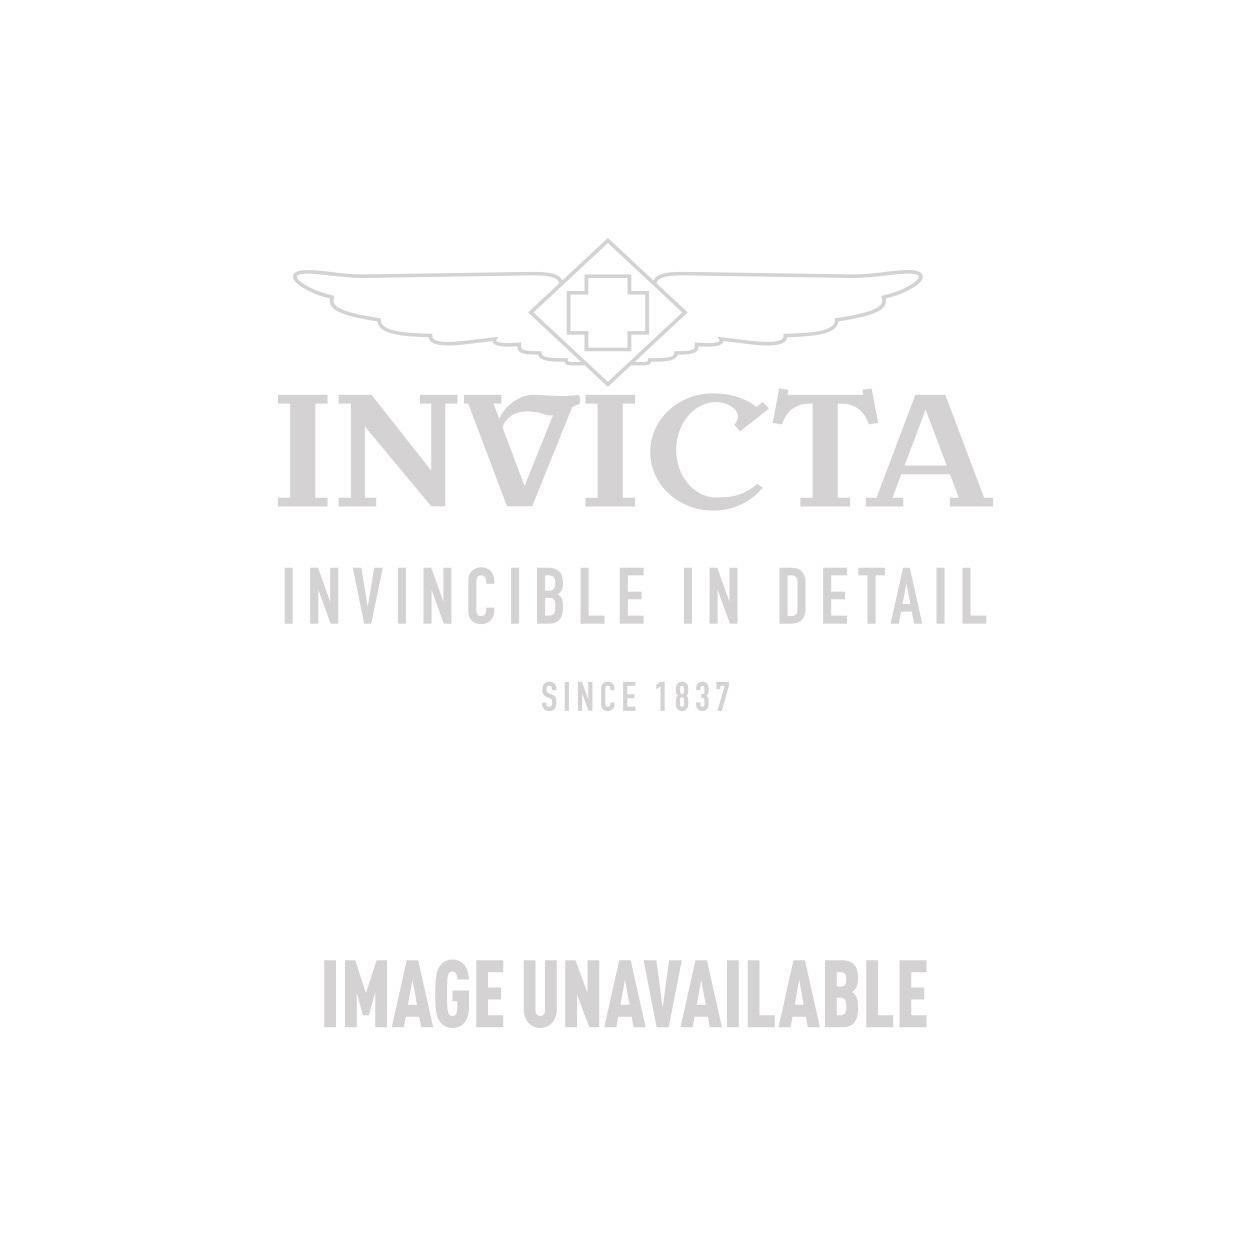 Invicta Model 29097